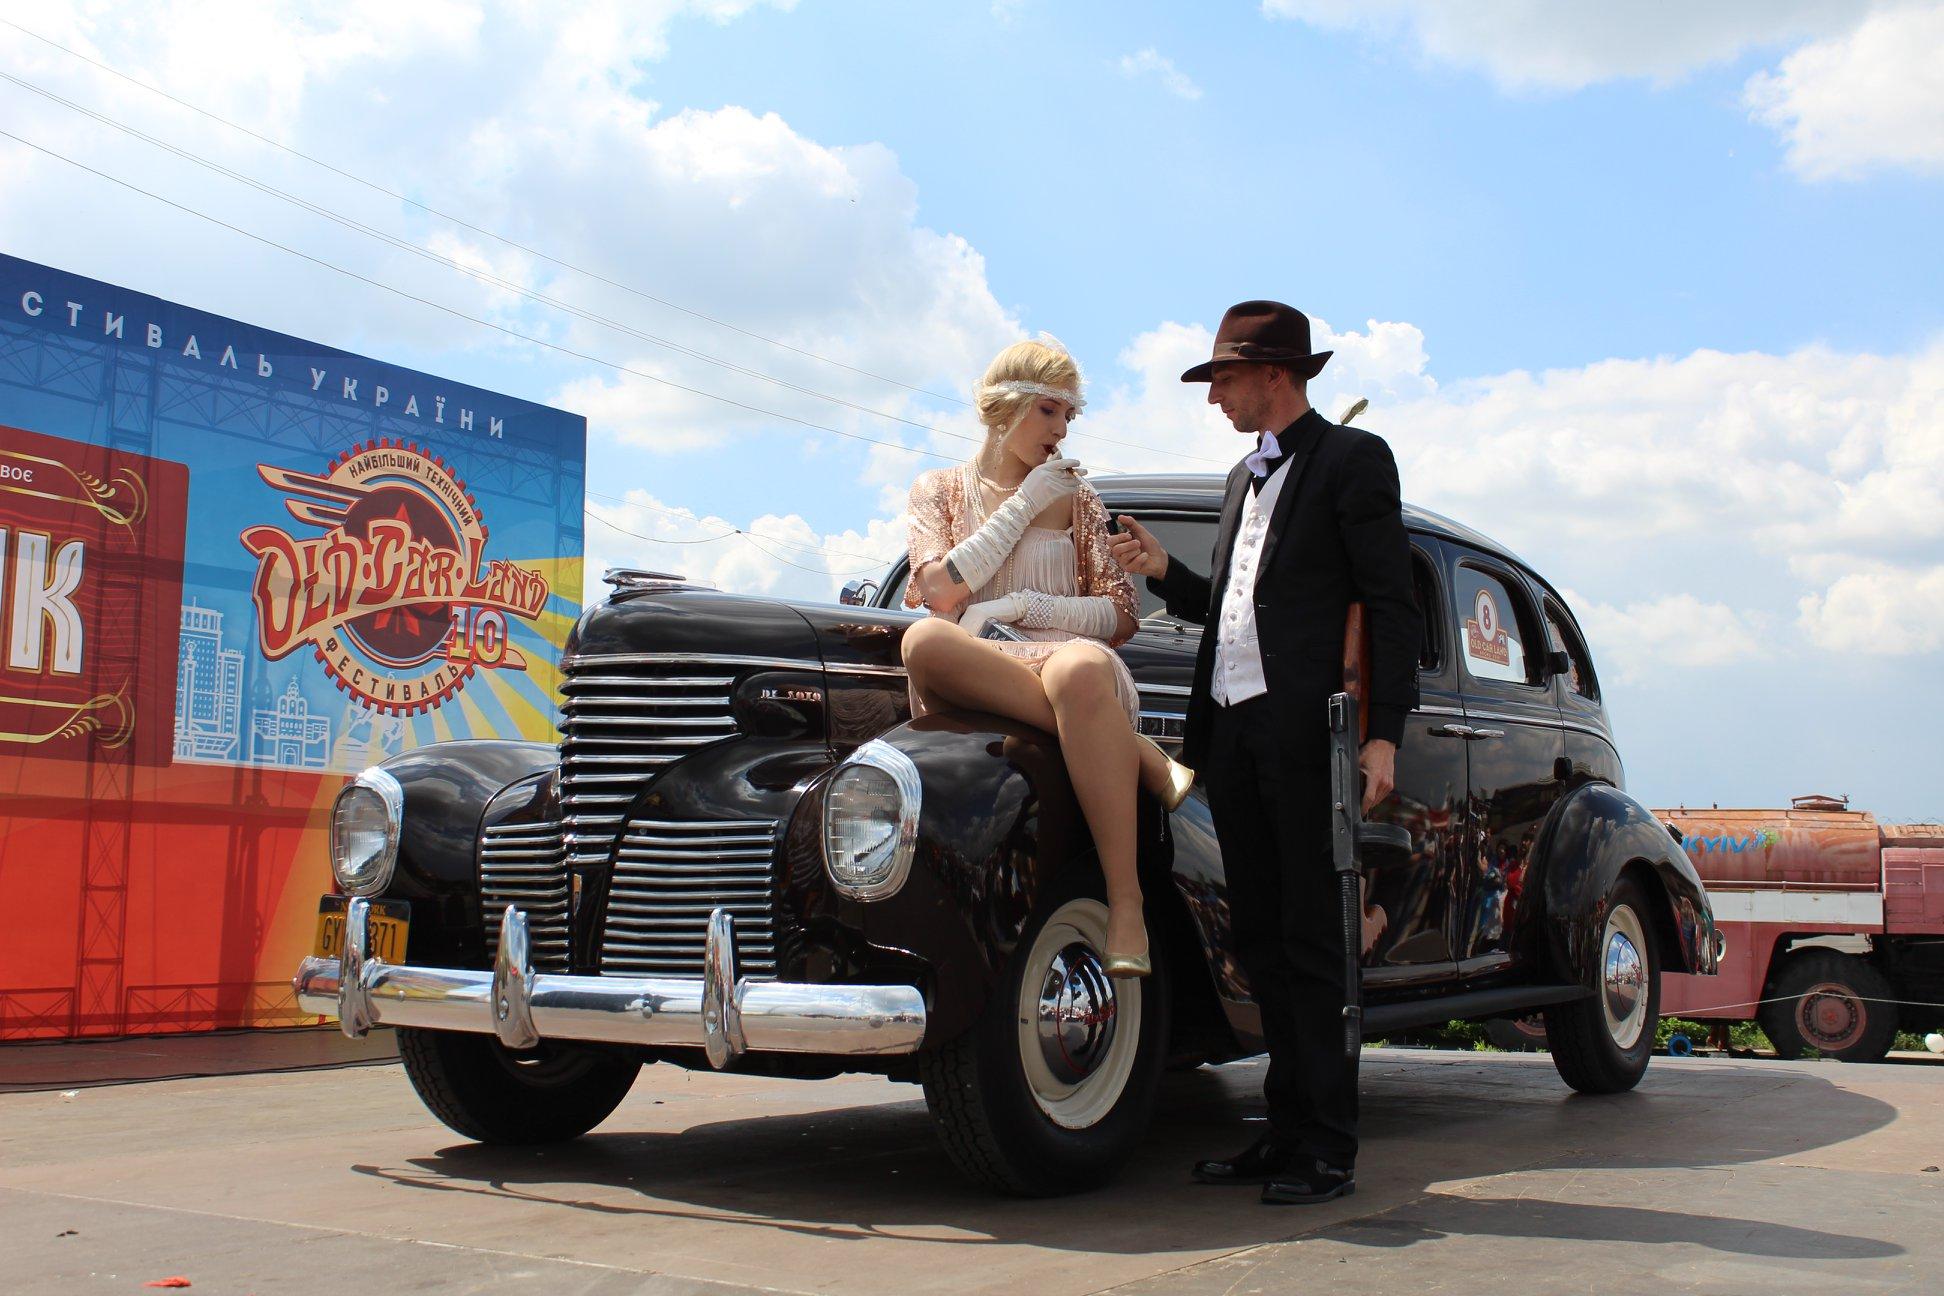 Ювілейний фестиваль ретро-автомобілів -  - 60596108 2179585515462075 1754004114712297472 o